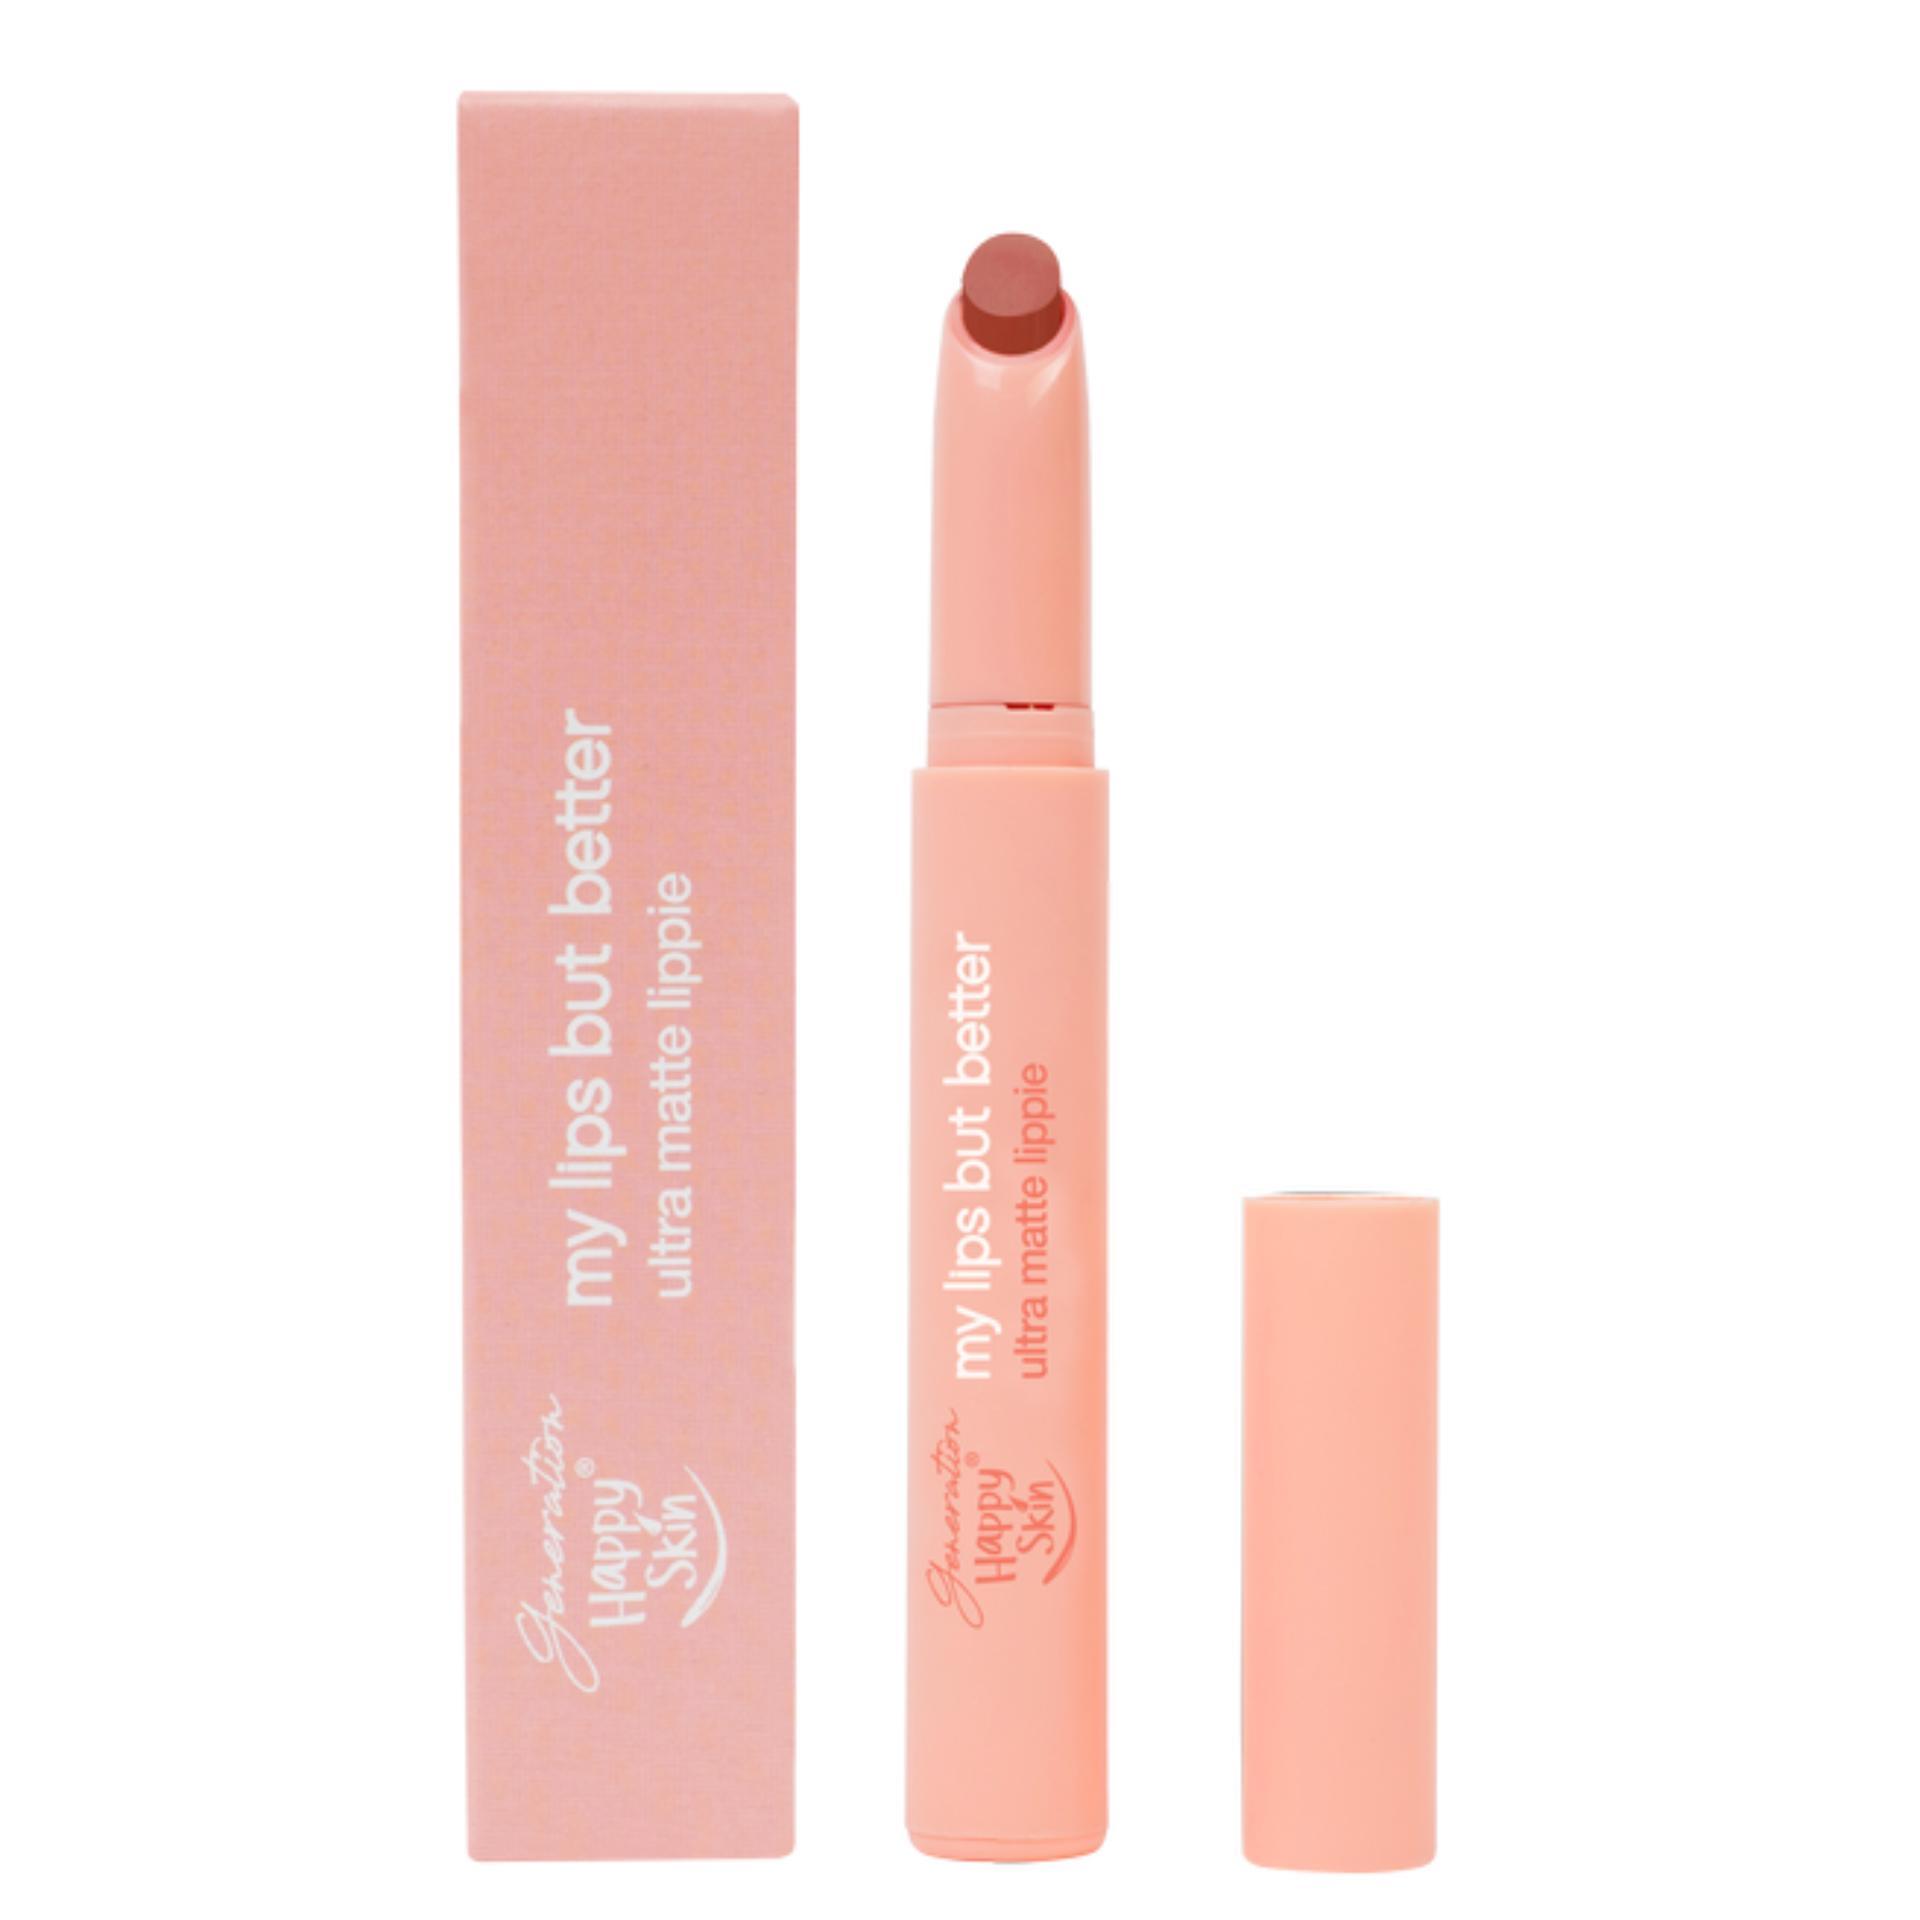 My Lips But Better Ultra Matte Lippie in Spunk - Generation Happy Skin x Kathryn Bernardo Philippines